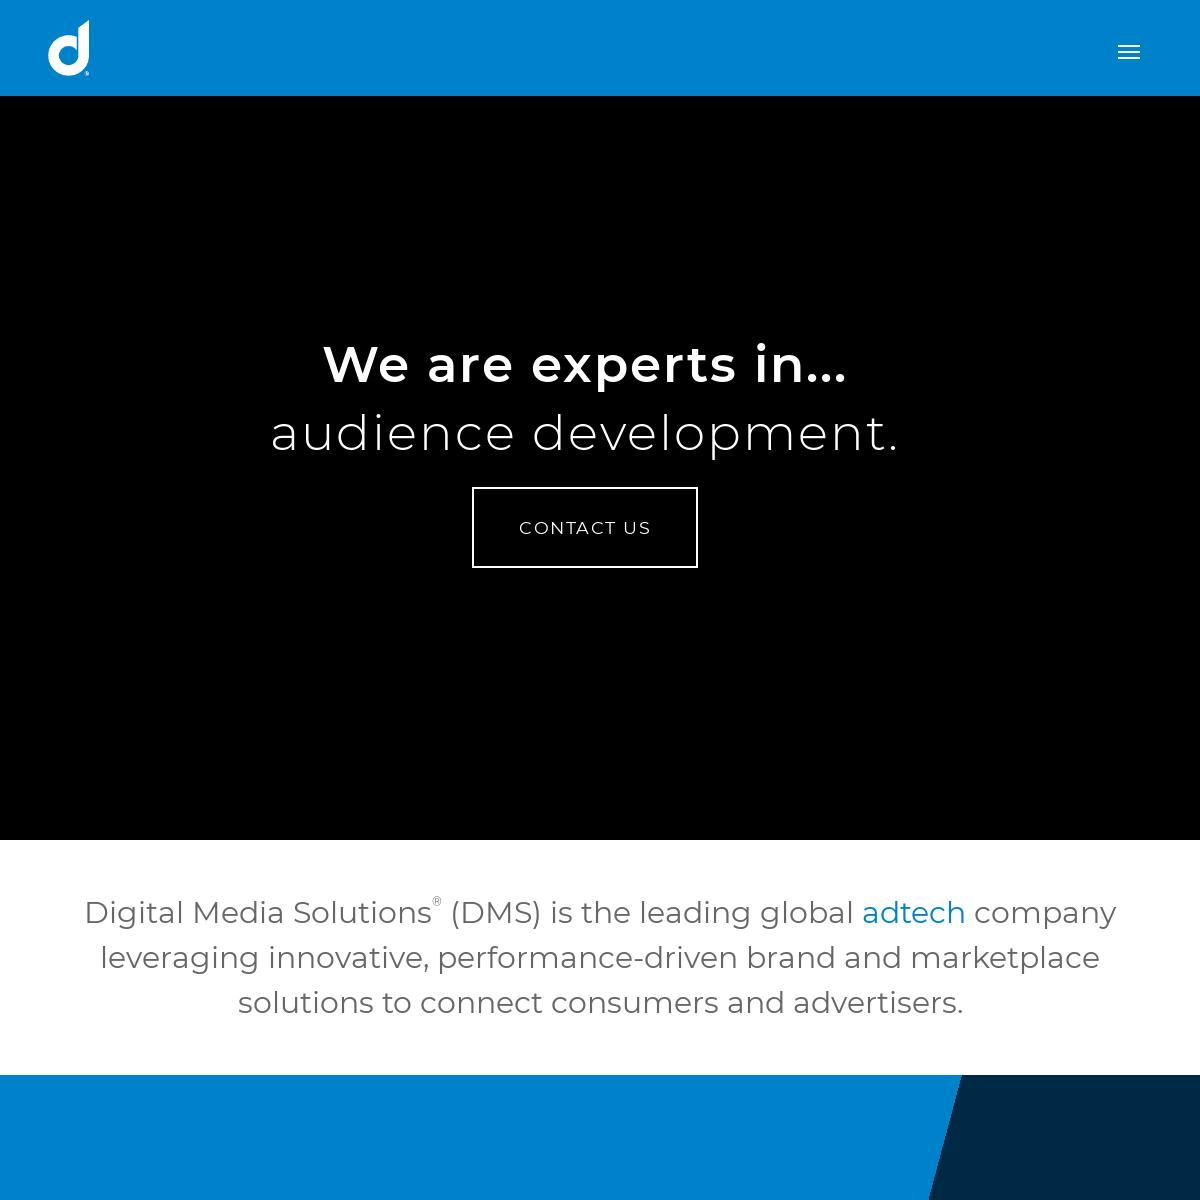 Digital Media Solutions (DMS) - Digital Performance Advertising